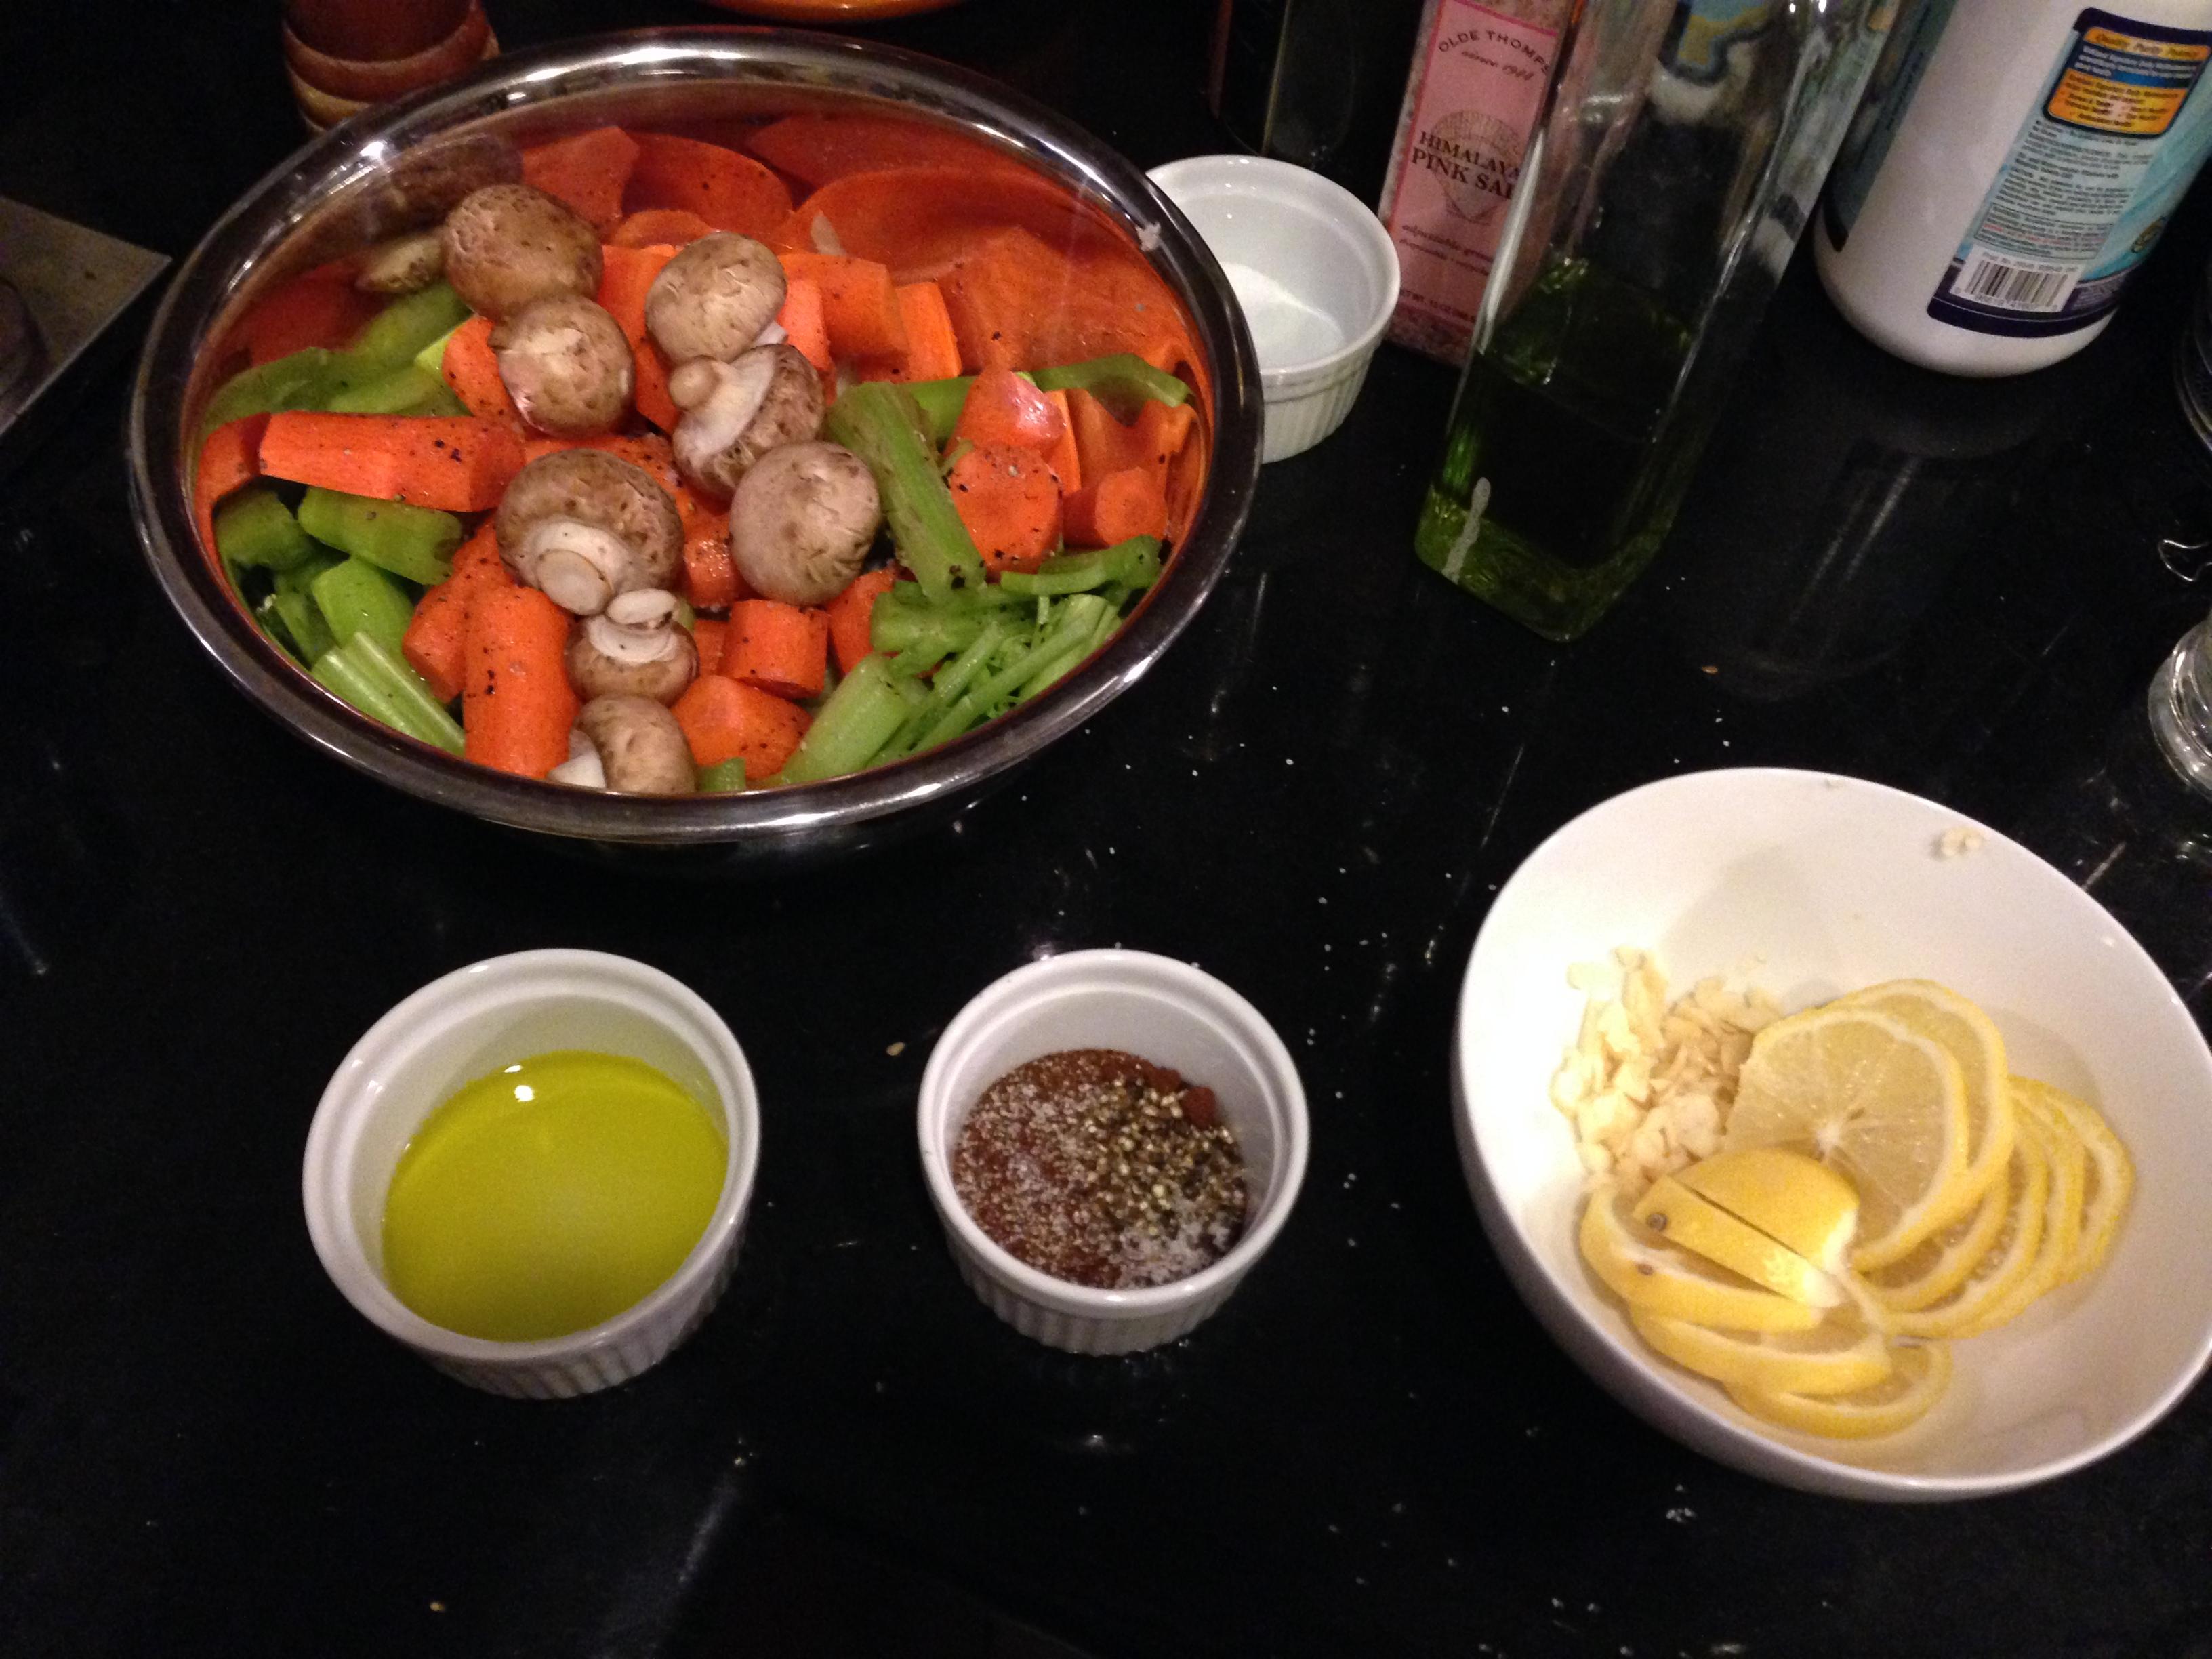 Rubs and veggies